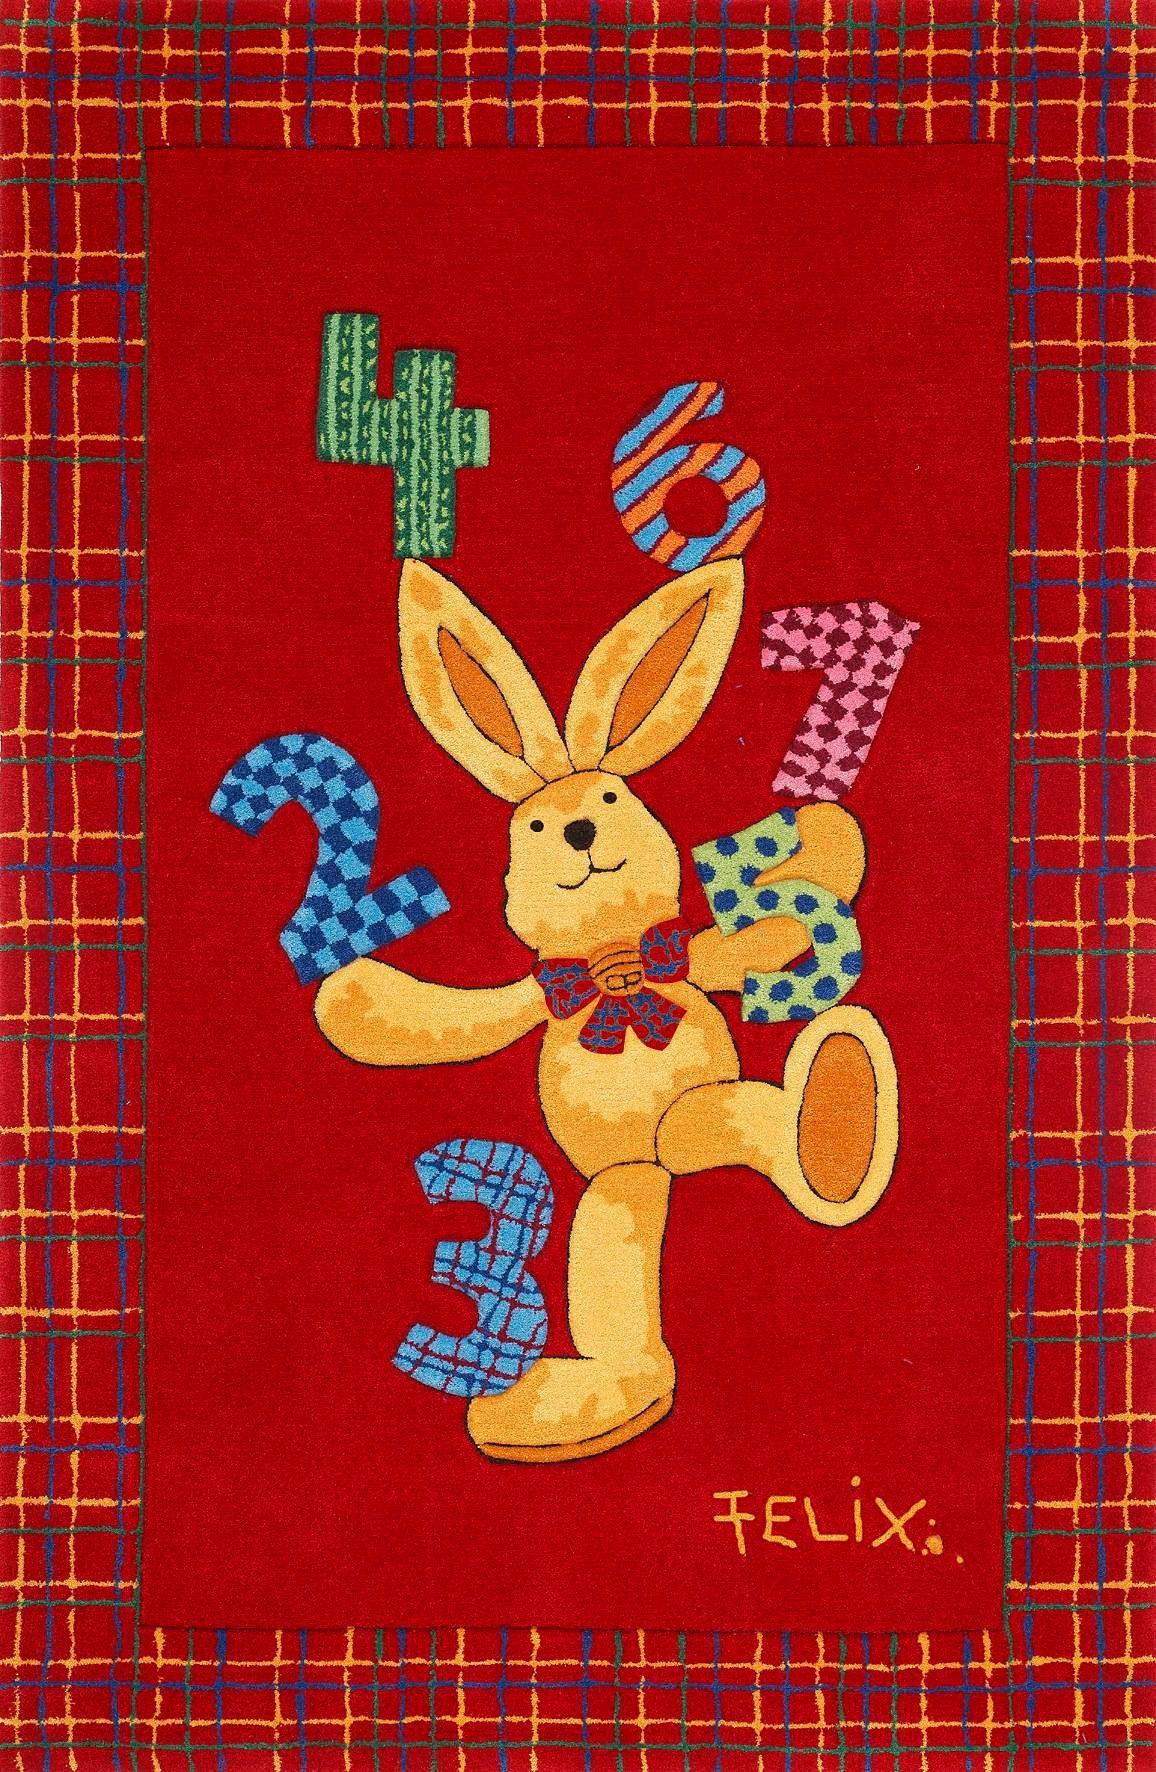 Teppich Felix der Hase FE-2194-01 Felix der Hase rechteckig Höhe 10 mm handgetuftet